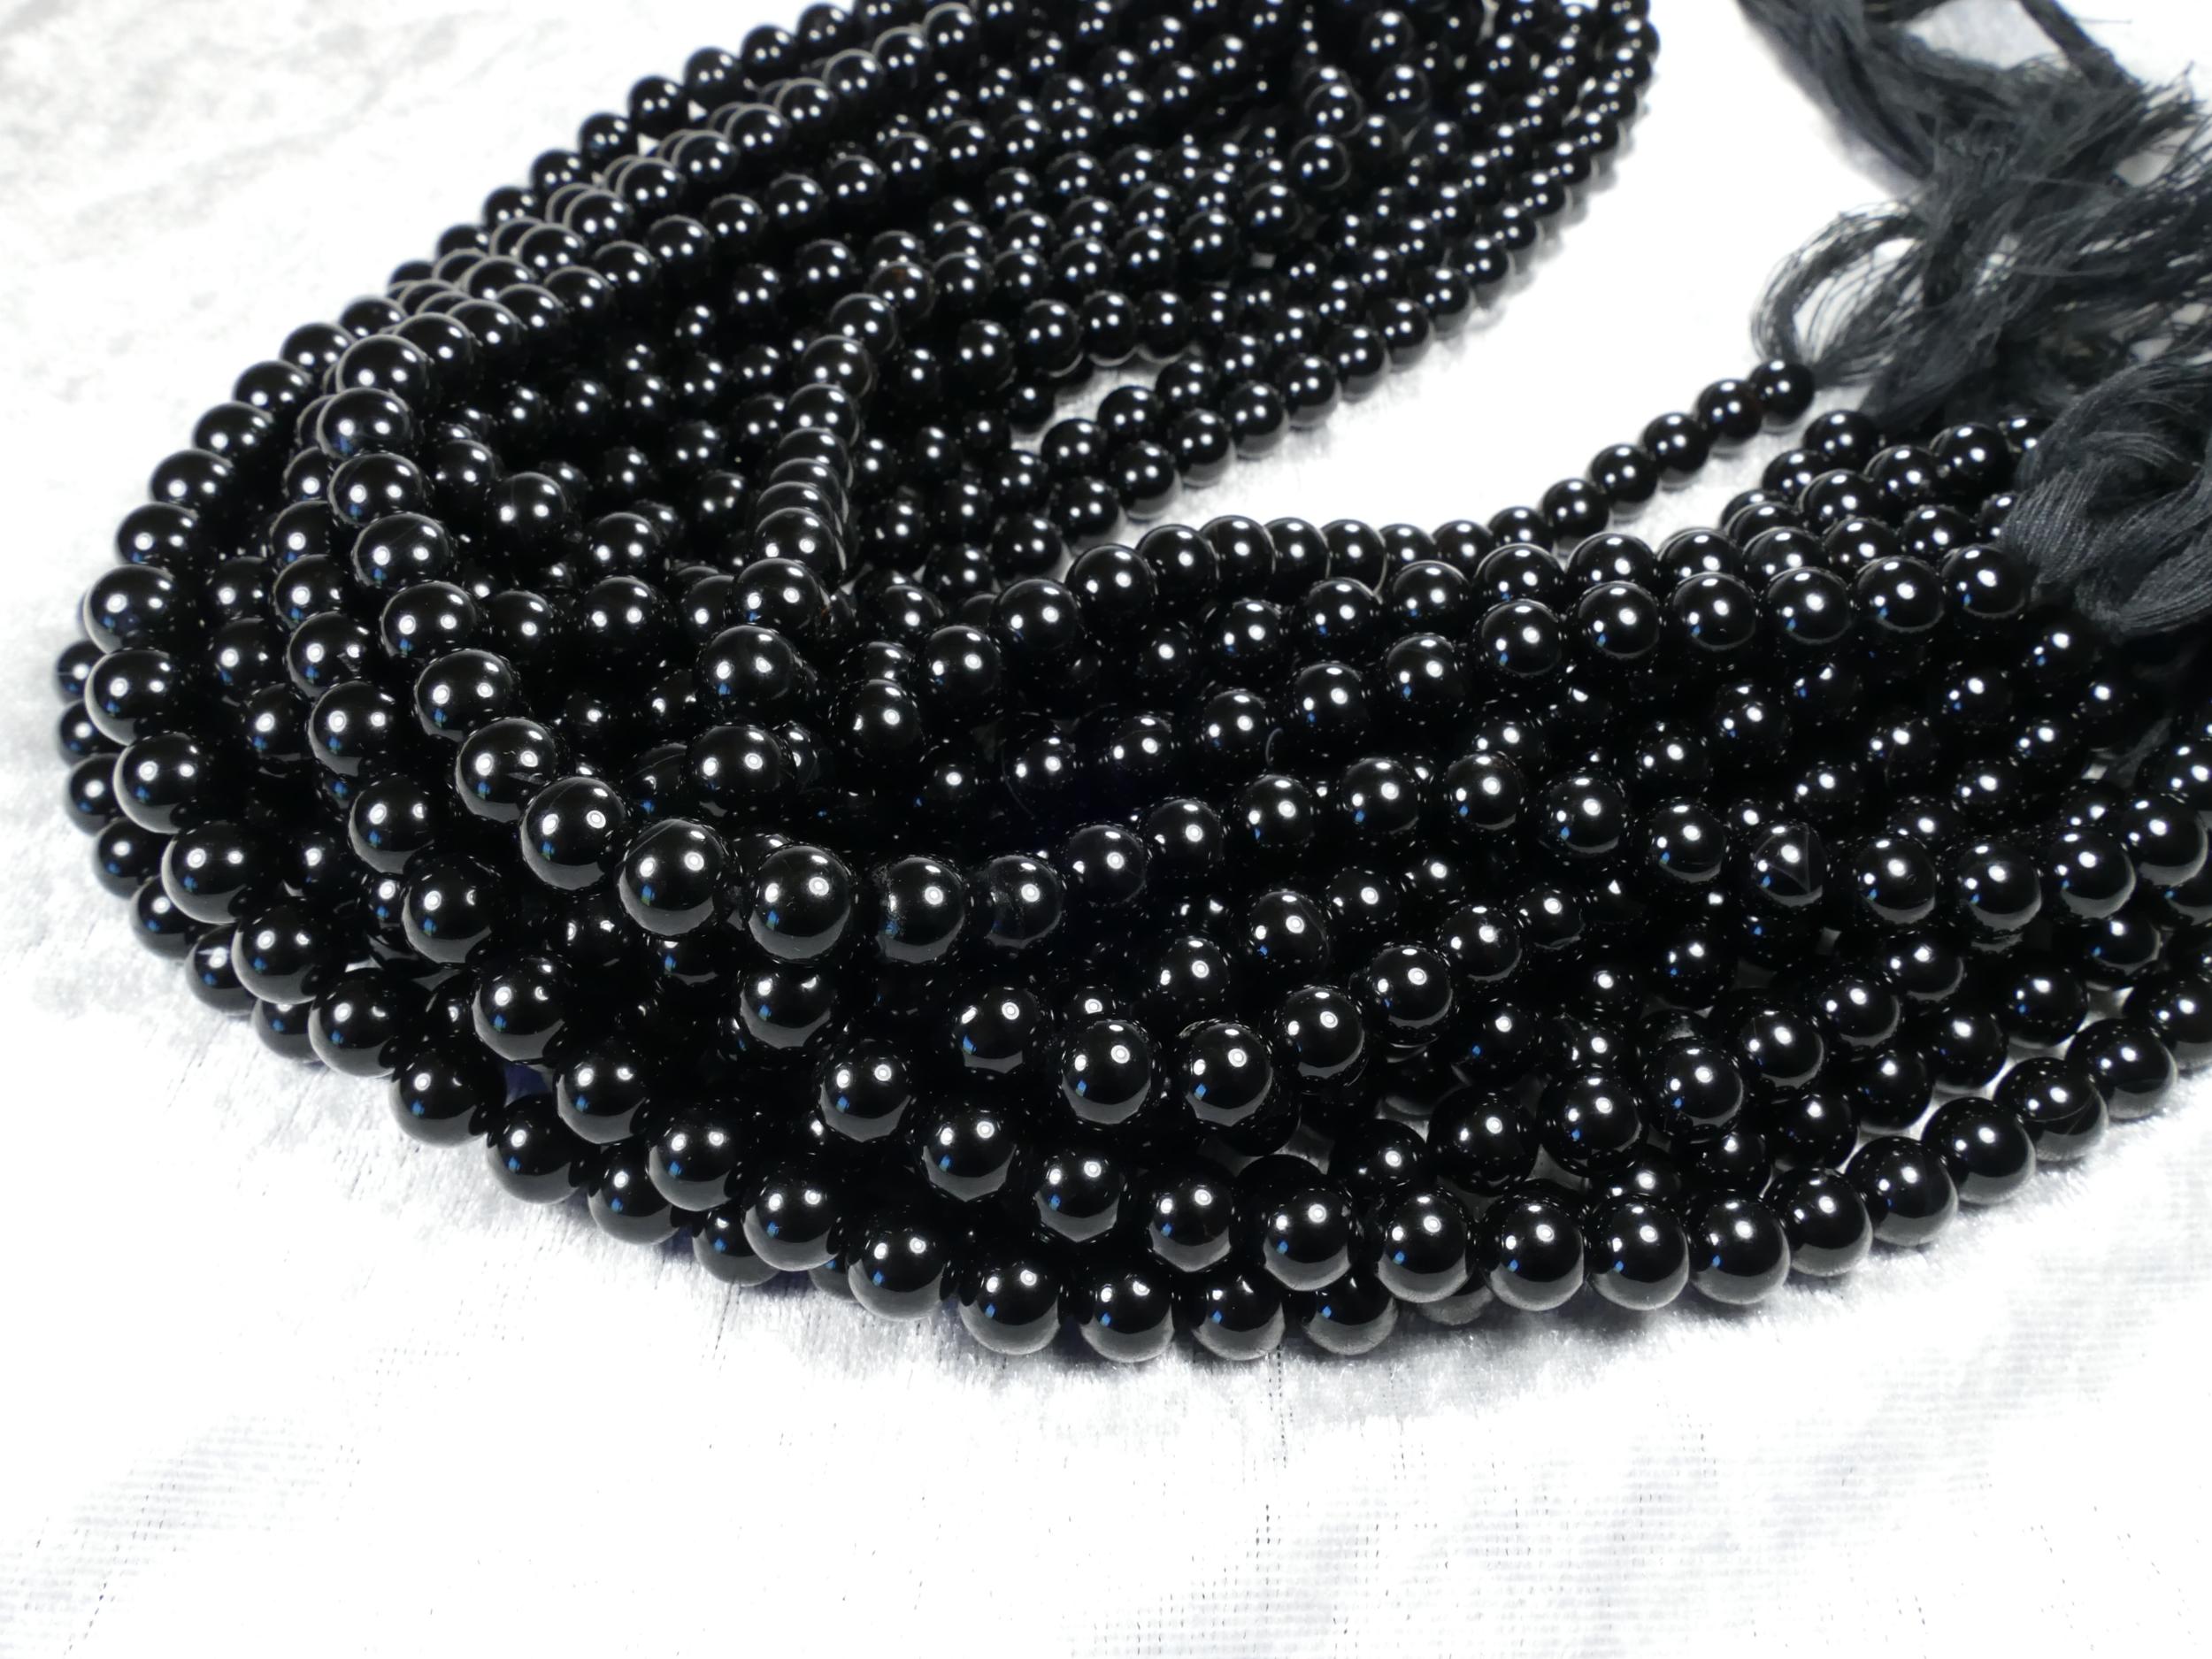 8.2mm Fil de perles d\'Onyx (Agate) naturel boule / ronde lisse noir 38cm (15inch) (#AC1044)